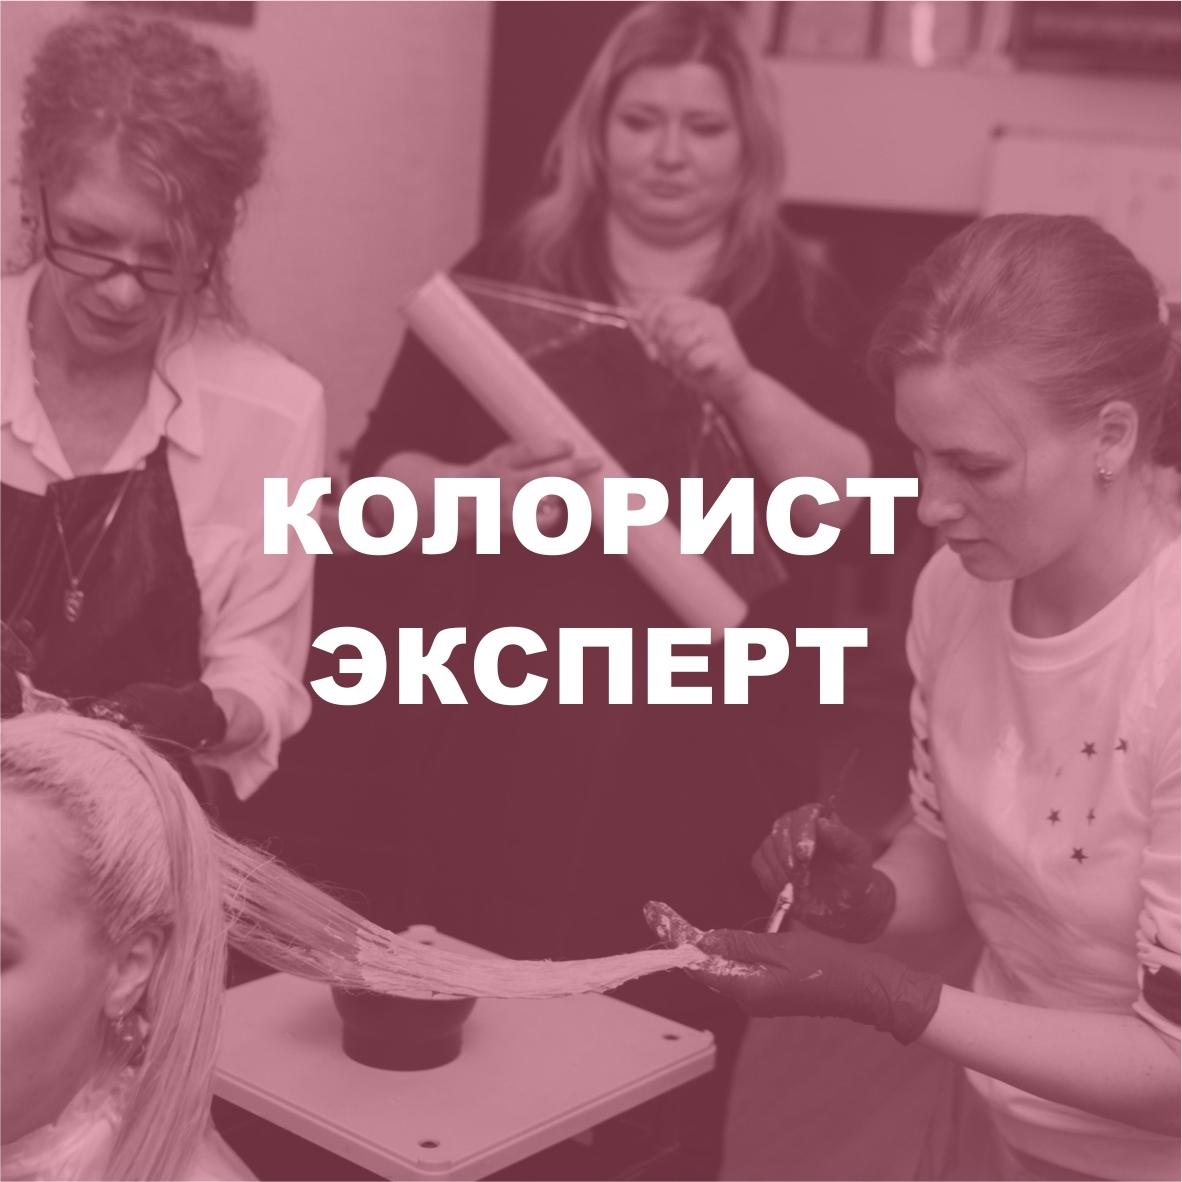 КОЛОРИСТ ЭКСПЕРТ